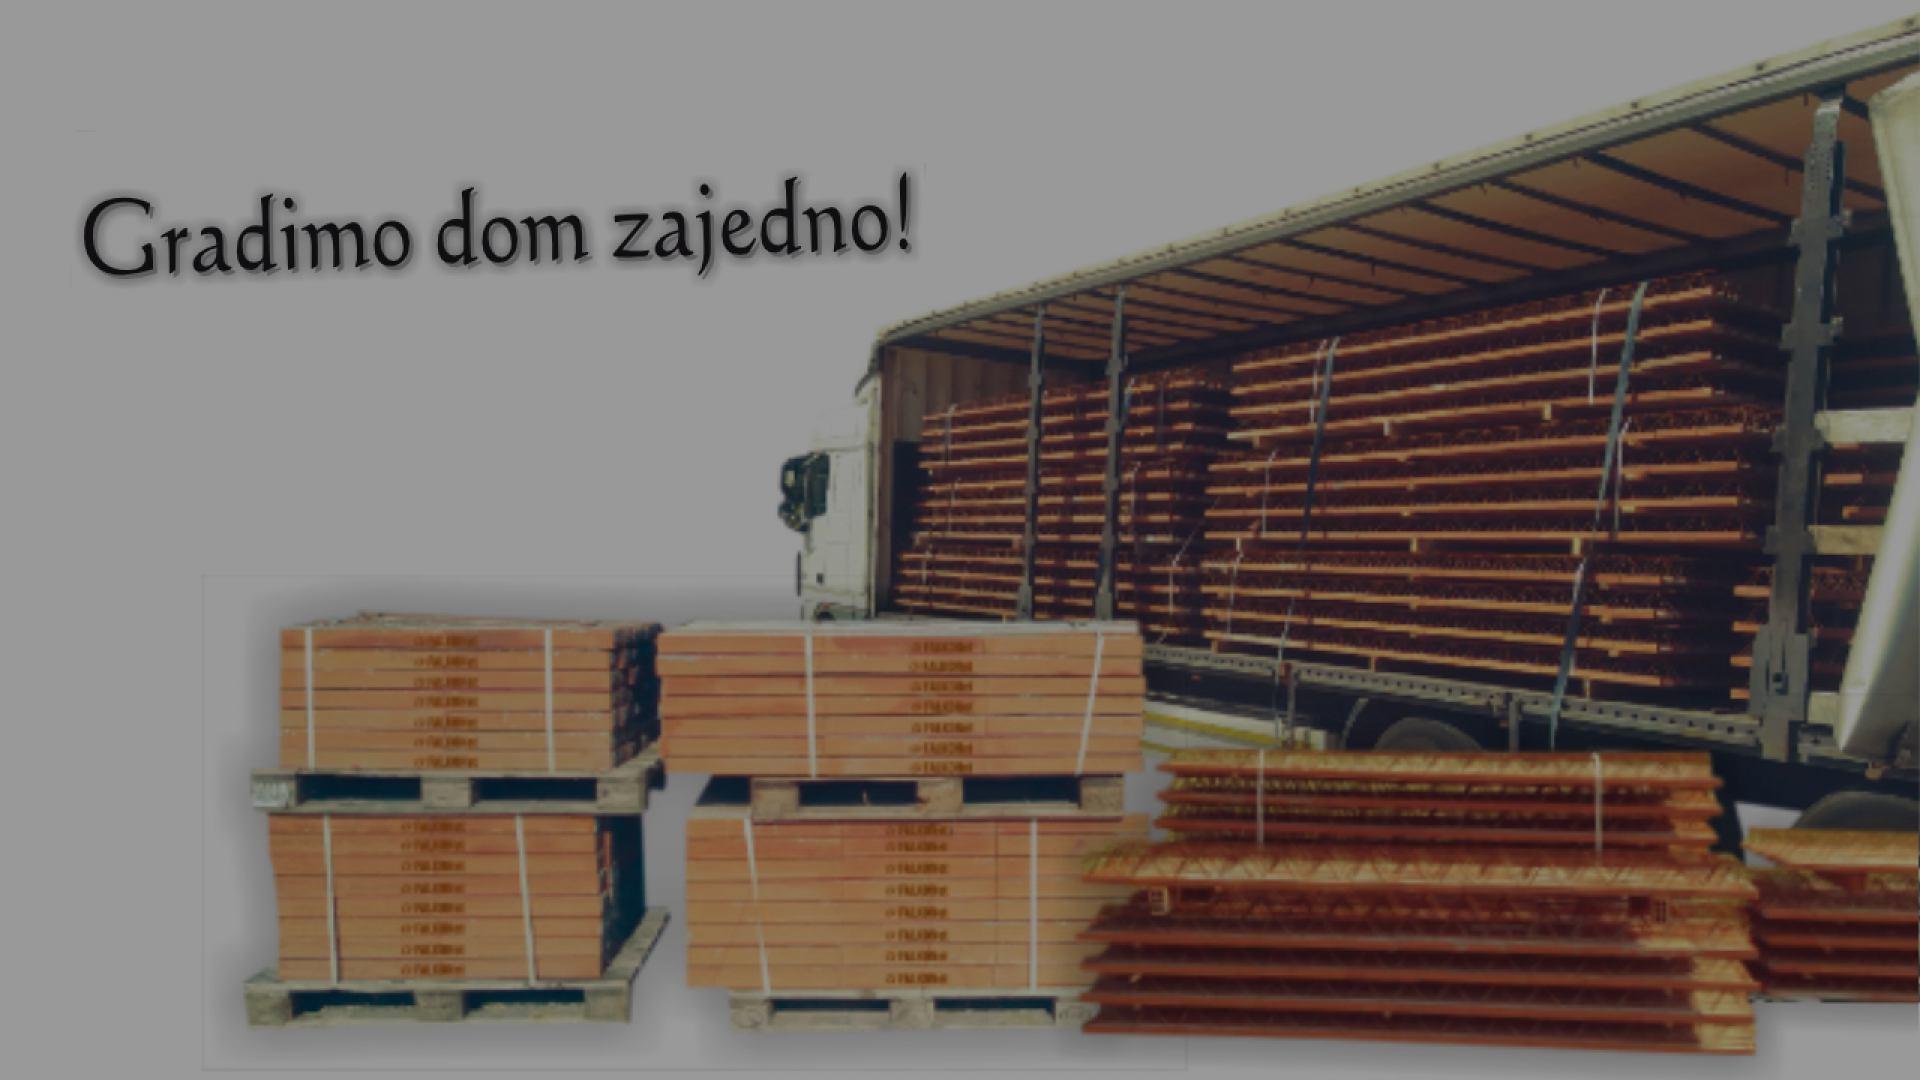 Falkonet proizvodi